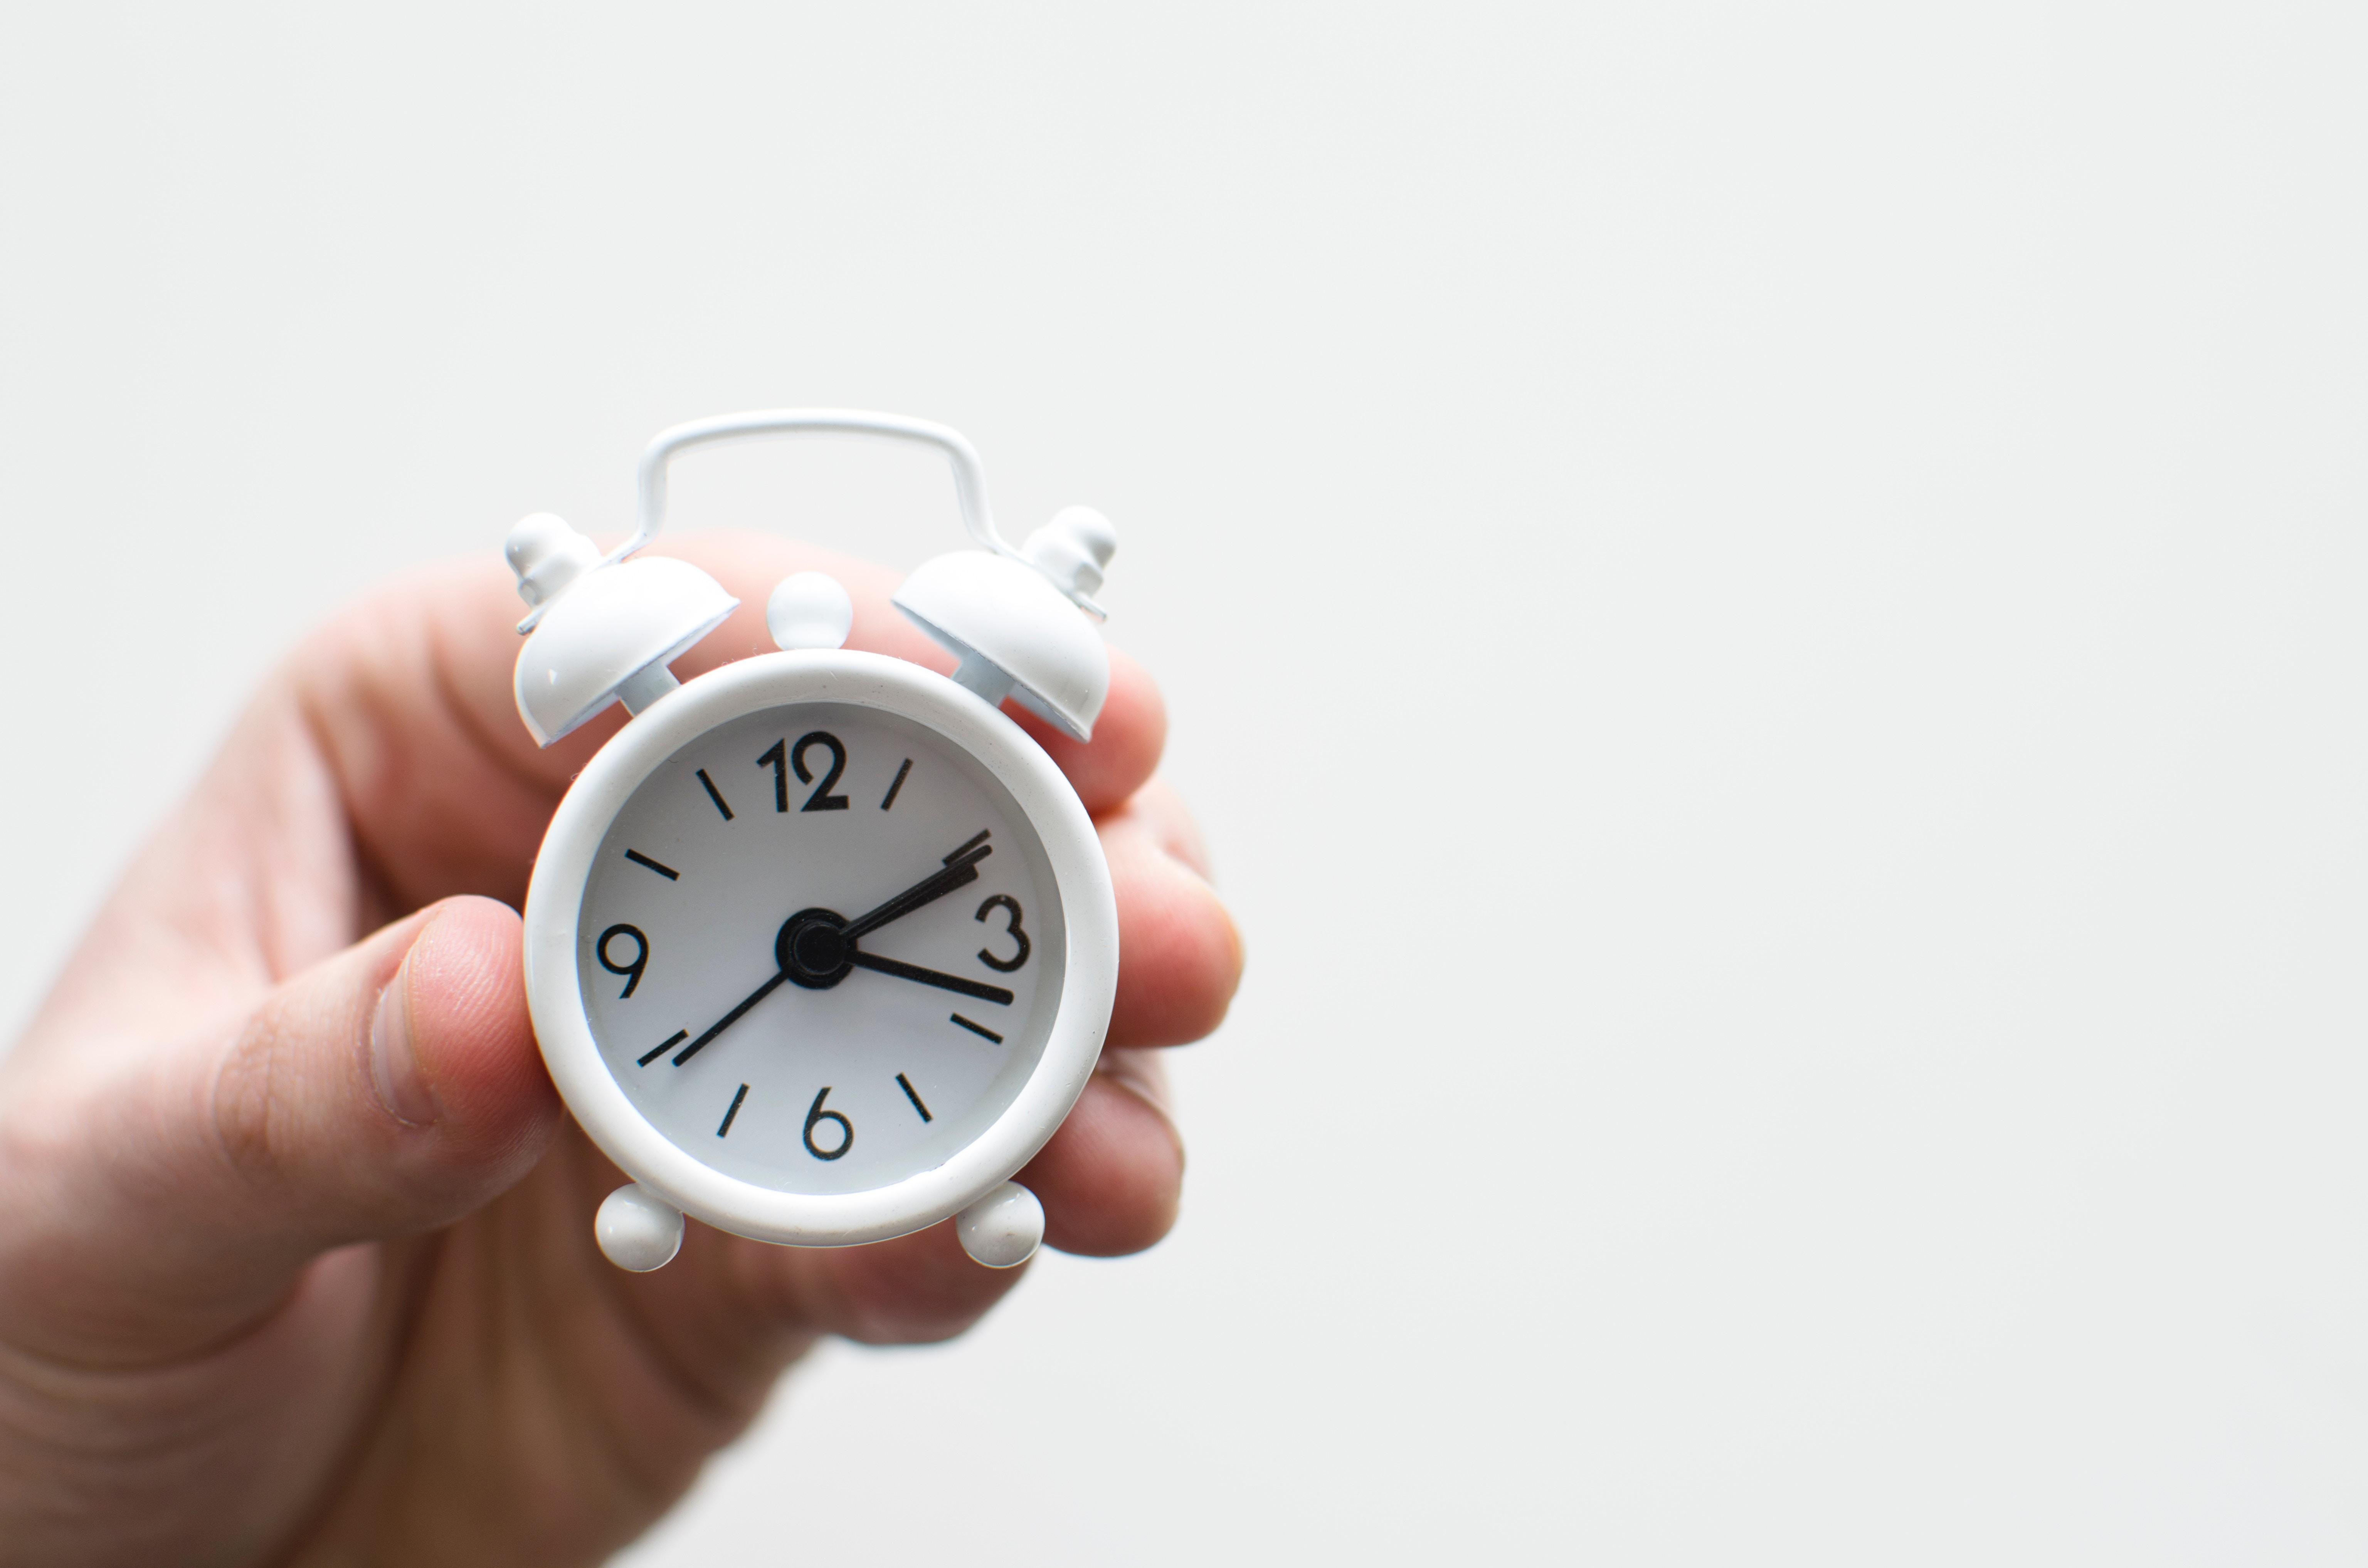 Time - saving